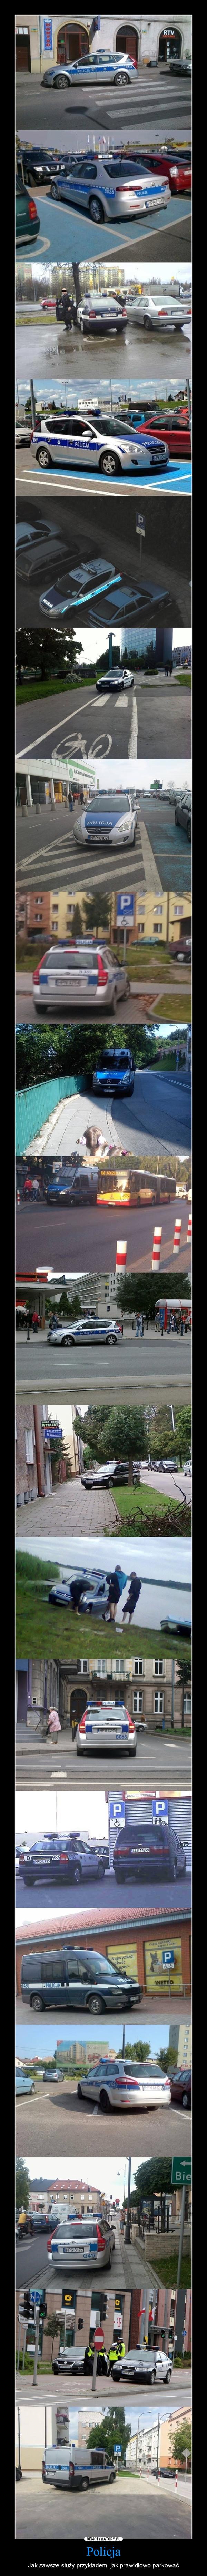 Policja – Jak zawsze służy przykładem, jak prawidłowo parkować